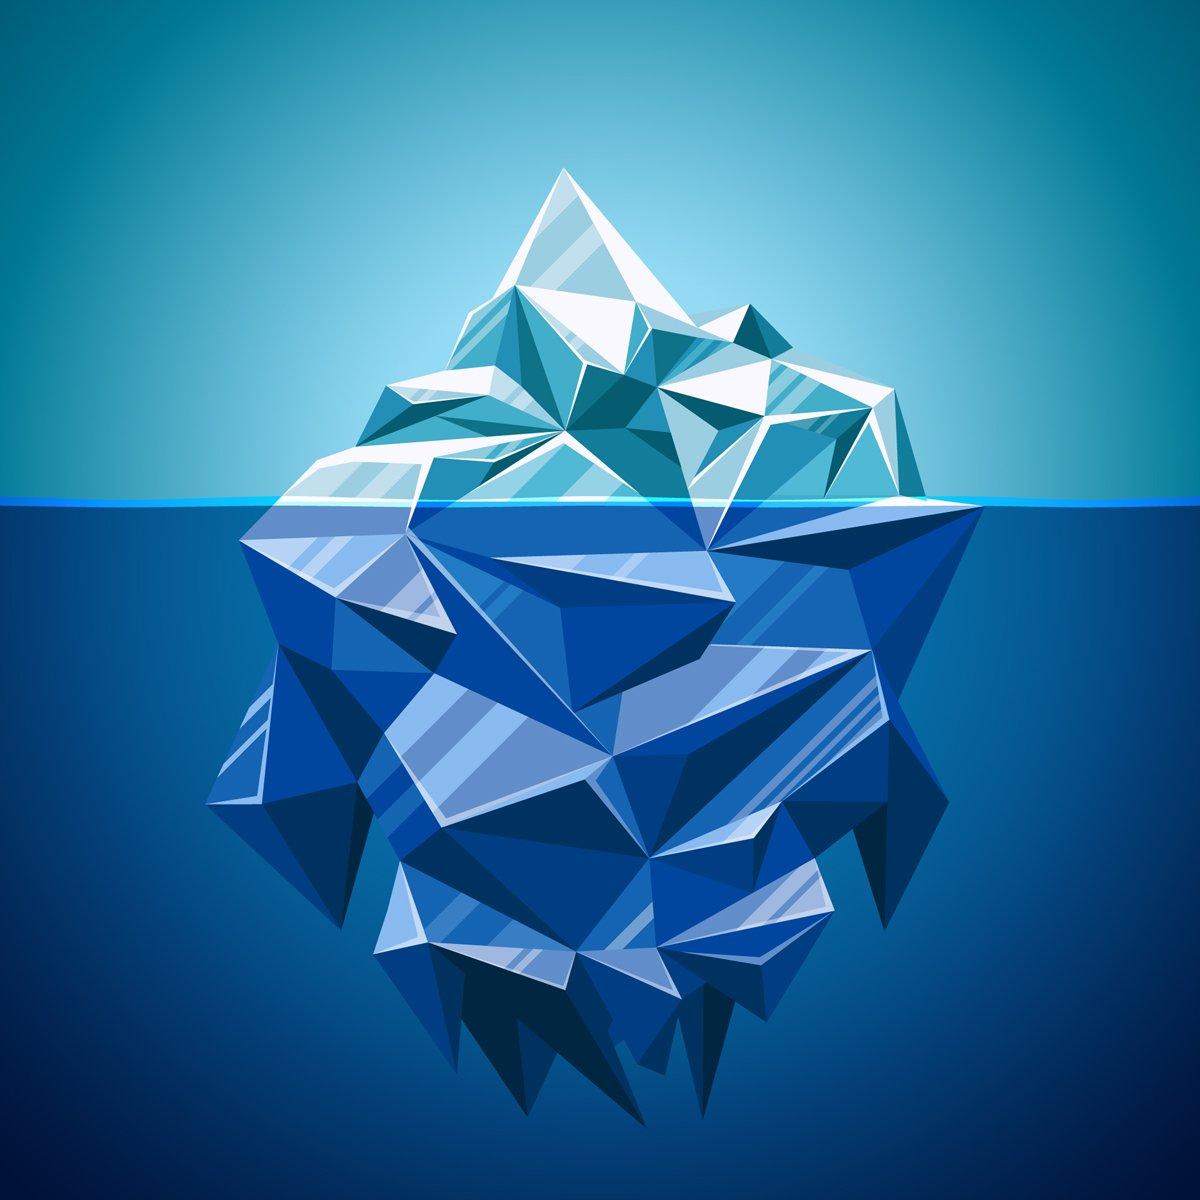 Постер-картина Полигональный арт Снег вектор горные Iceberg в стиле многоугольнойПолигональный арт<br>Постер на холсте или бумаге. Любого нужного вам размера. В раме или без. Подвес в комплекте. Трехслойная надежная упаковка. Доставим в любую точку России. Вам осталось только повесить картину на стену!<br>